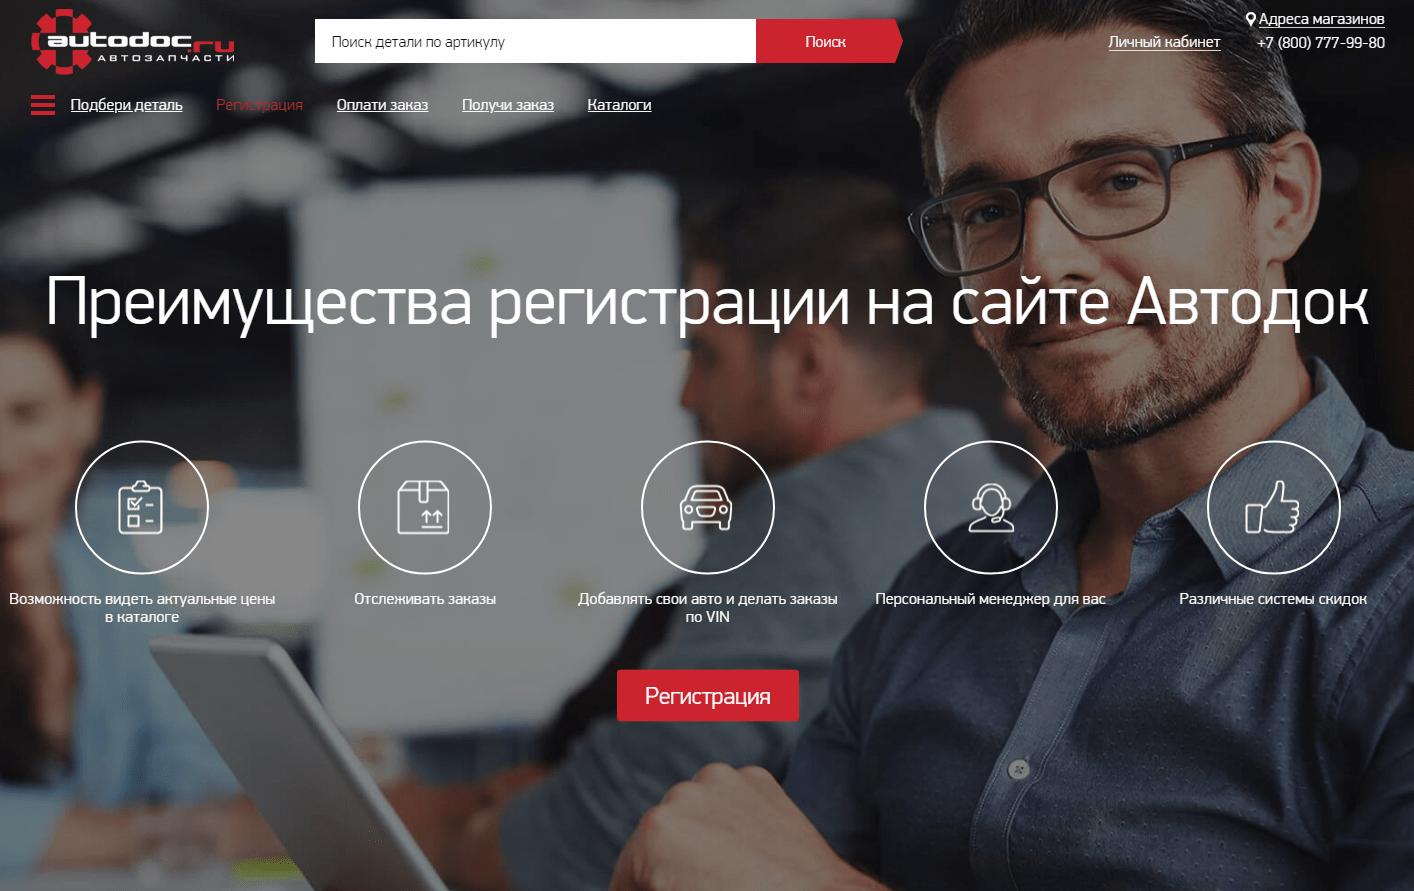 Форма регистрации на сайте «Автодок» с перечислением преимуществ